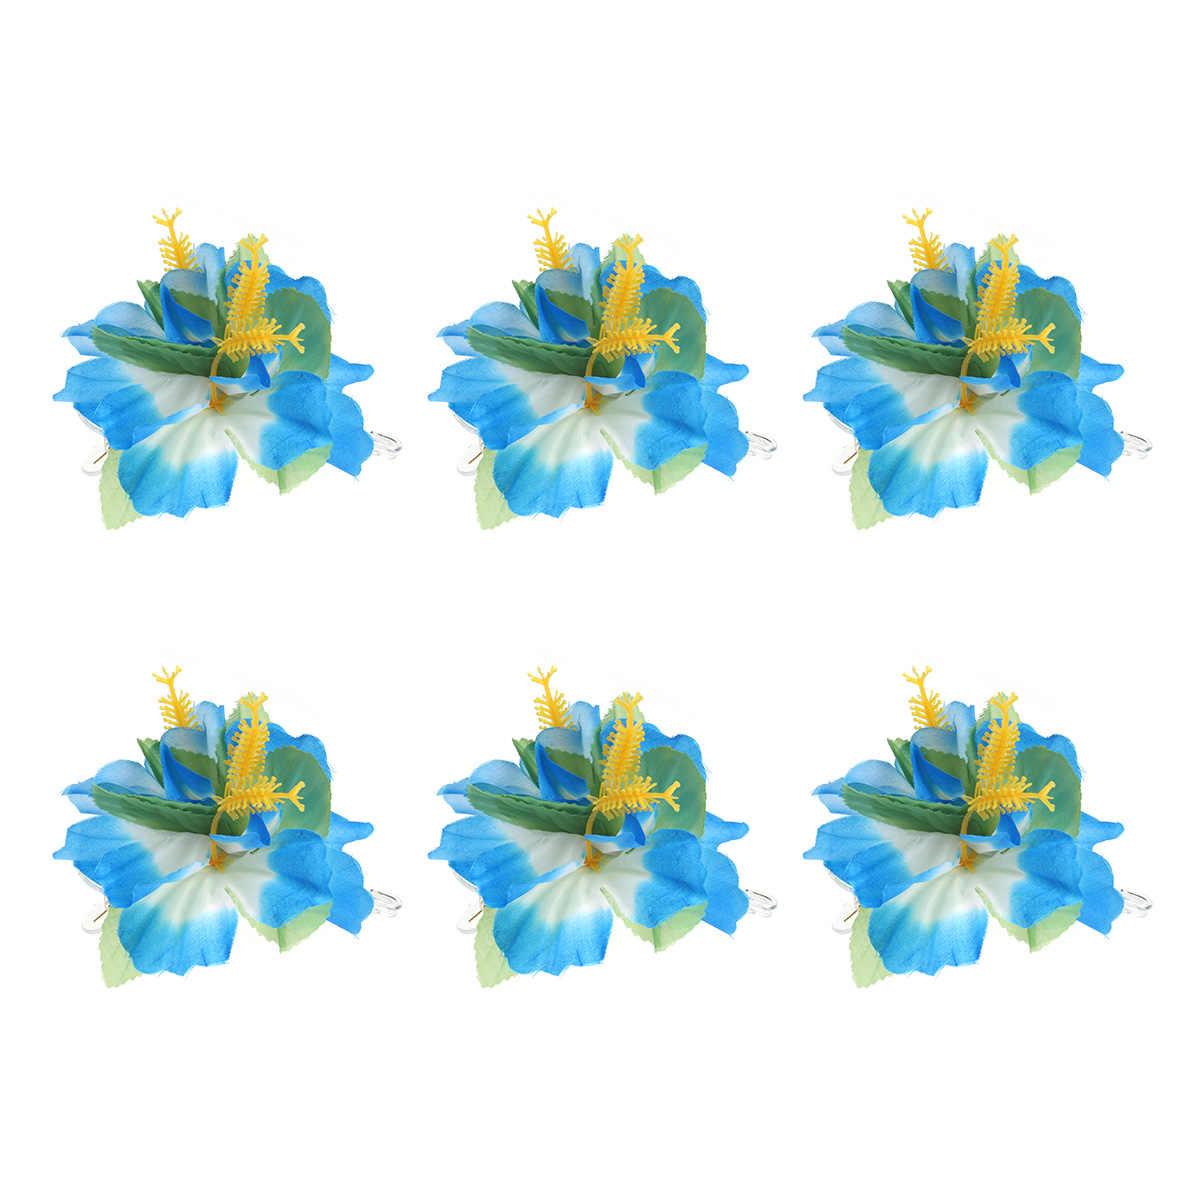 6 шт. Гавайские цветы Заколки для волос Свадебная заколка тропический пляж венчания цветок гибискуса Для женщин вечерние заколку для волос шпилька аксессуары